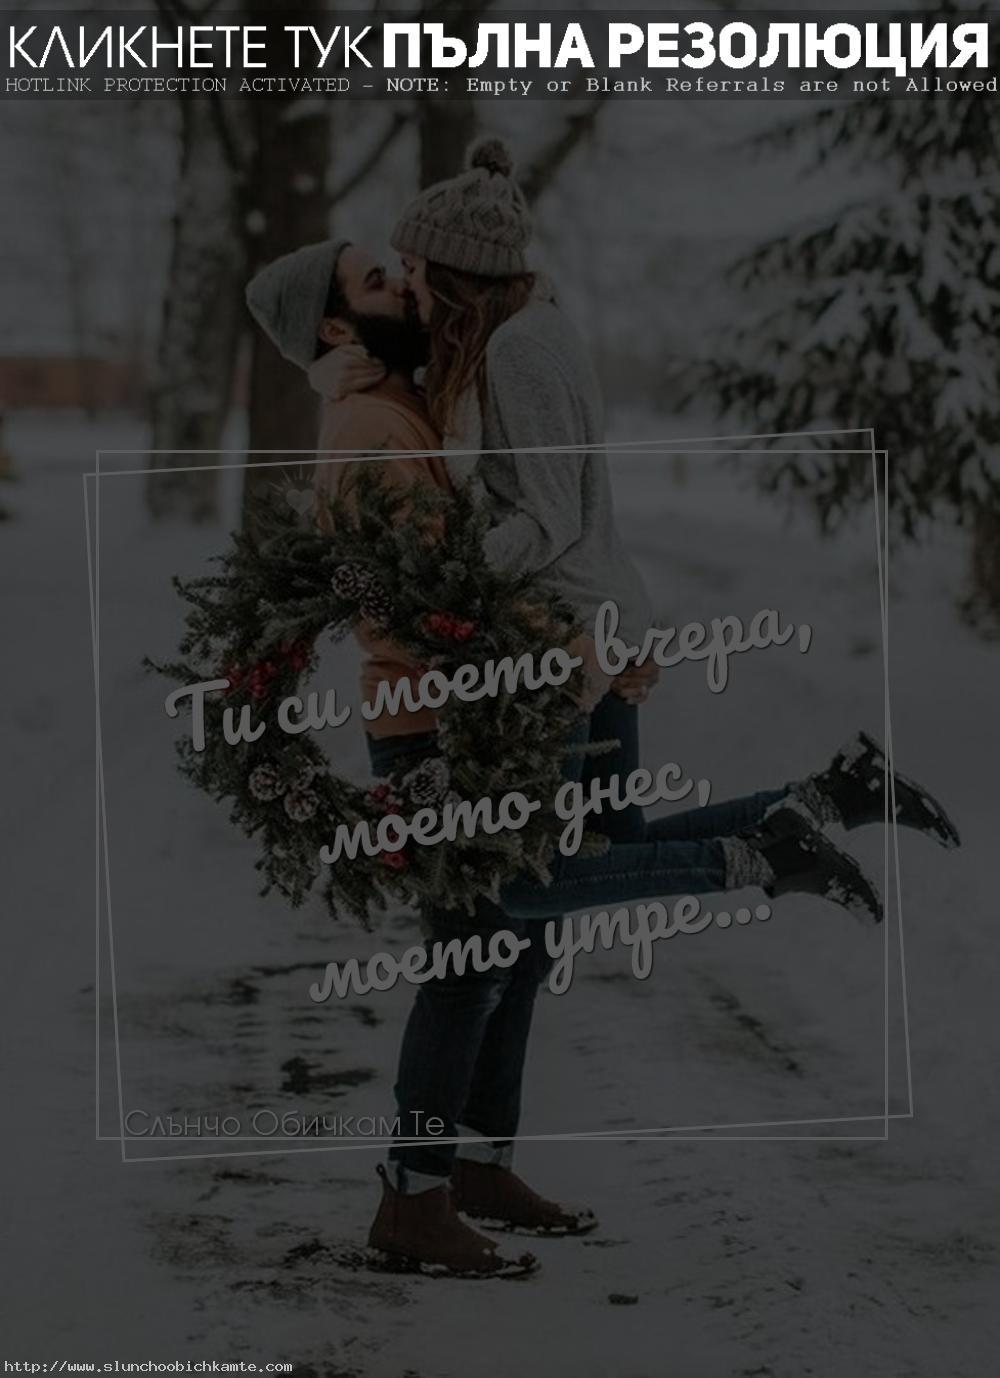 Щастлива Коледа обичам те, Ти си моето вчера, моето днес, моето утре. Обичам те! Ти си моето всичко - Любовни статуси, цитати за любовта, любовни мисли и фрази, любов по коледа